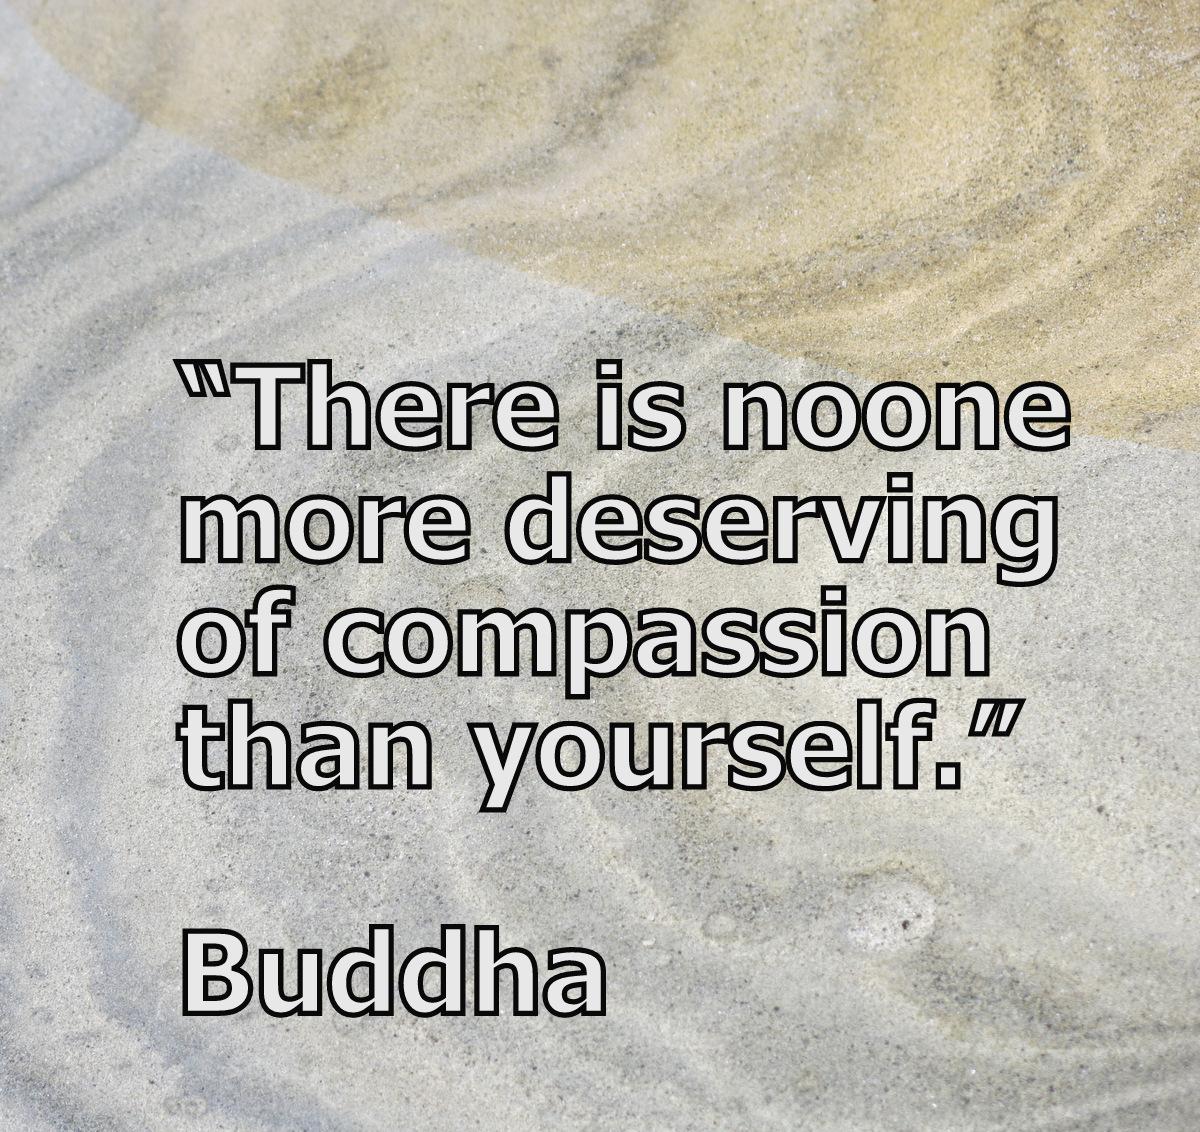 Depression Quotes Tattoos Quotesgram: Depression Quotes By Buddha. QuotesGram